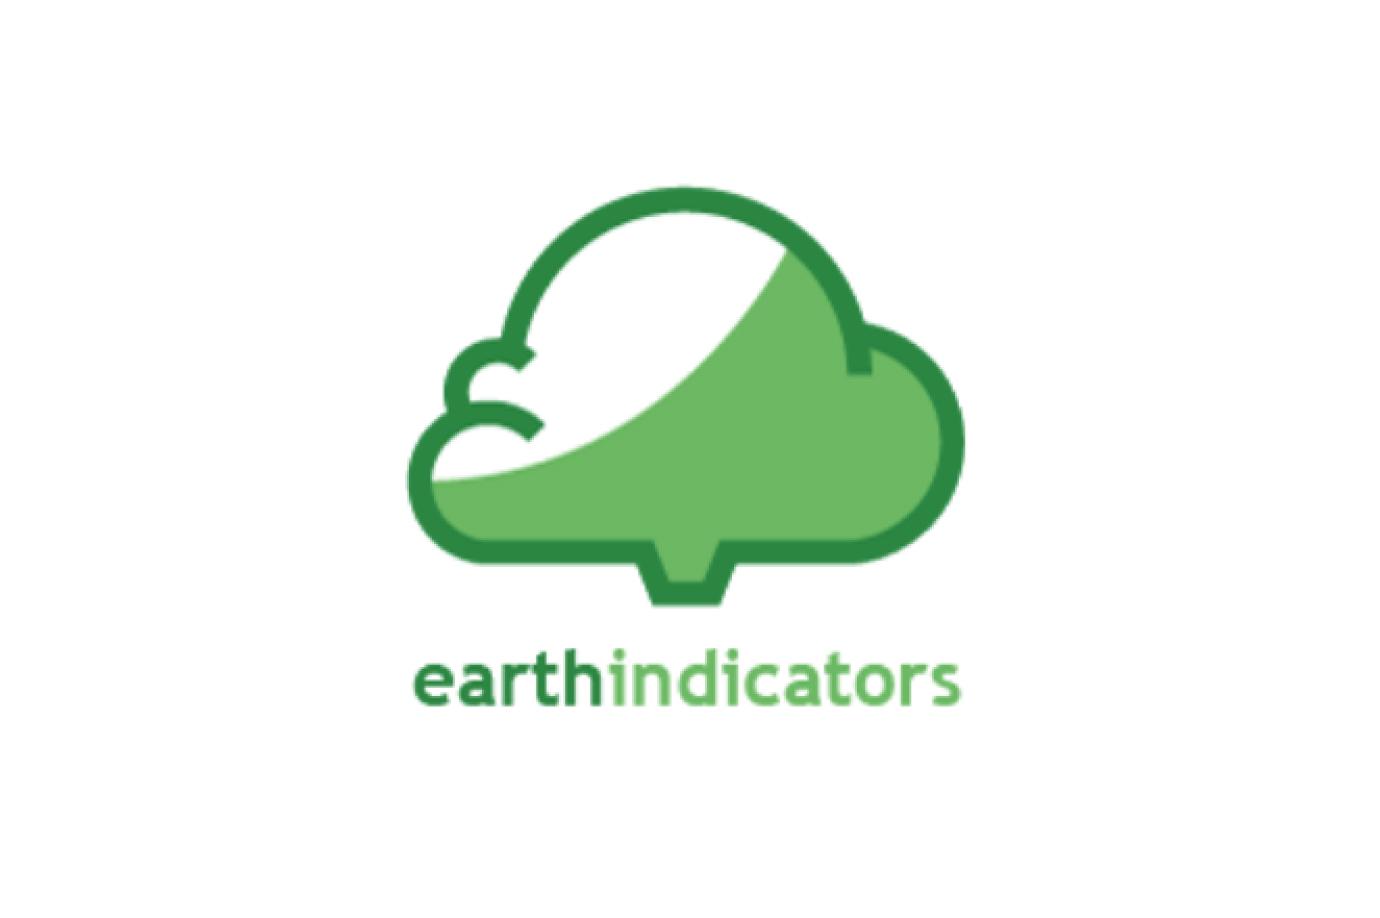 earthindicators-02